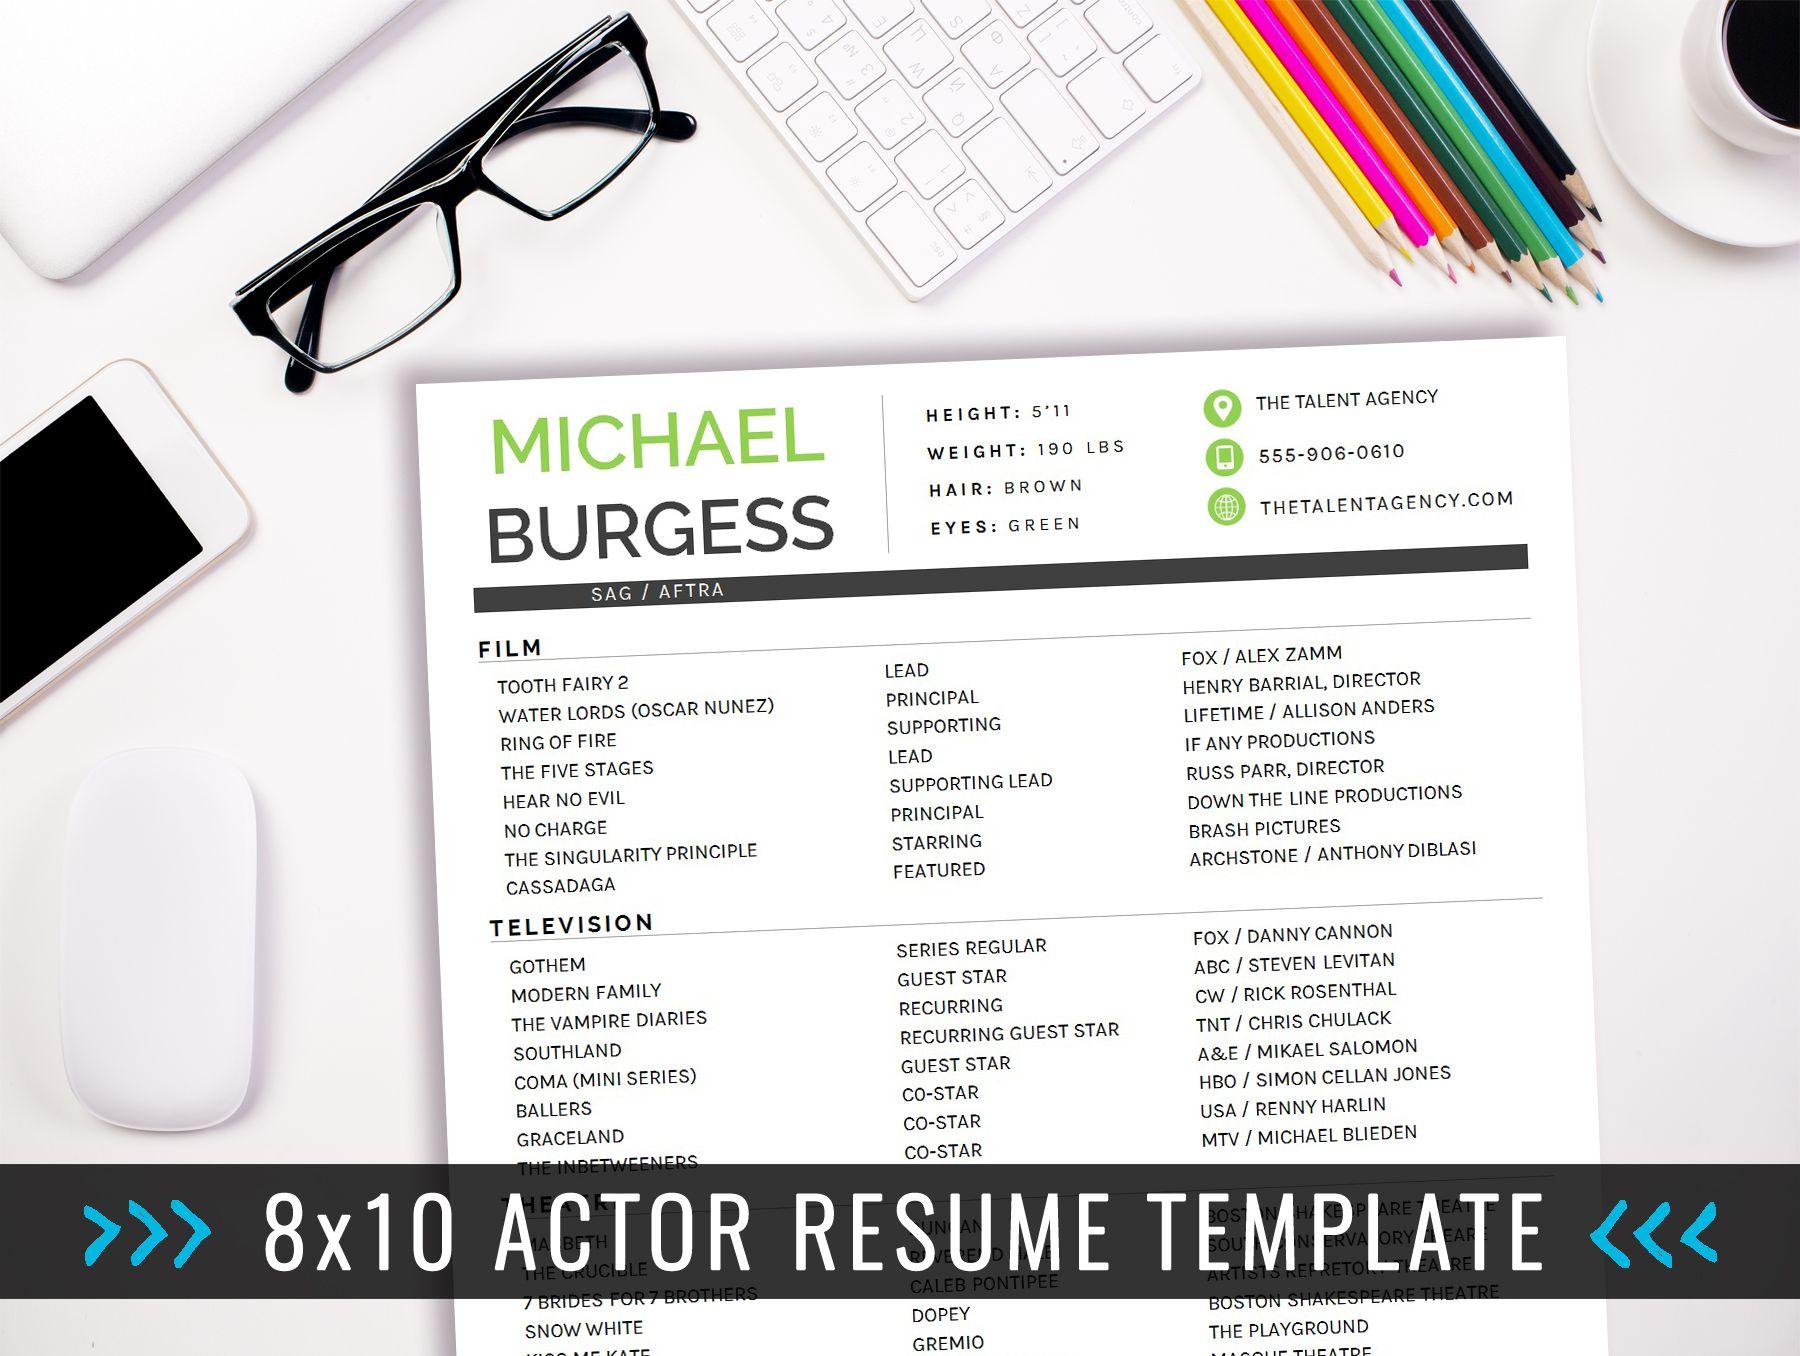 8x10 Actor Resume Template - 8x10 Actor Resume Template - INSTANT ...